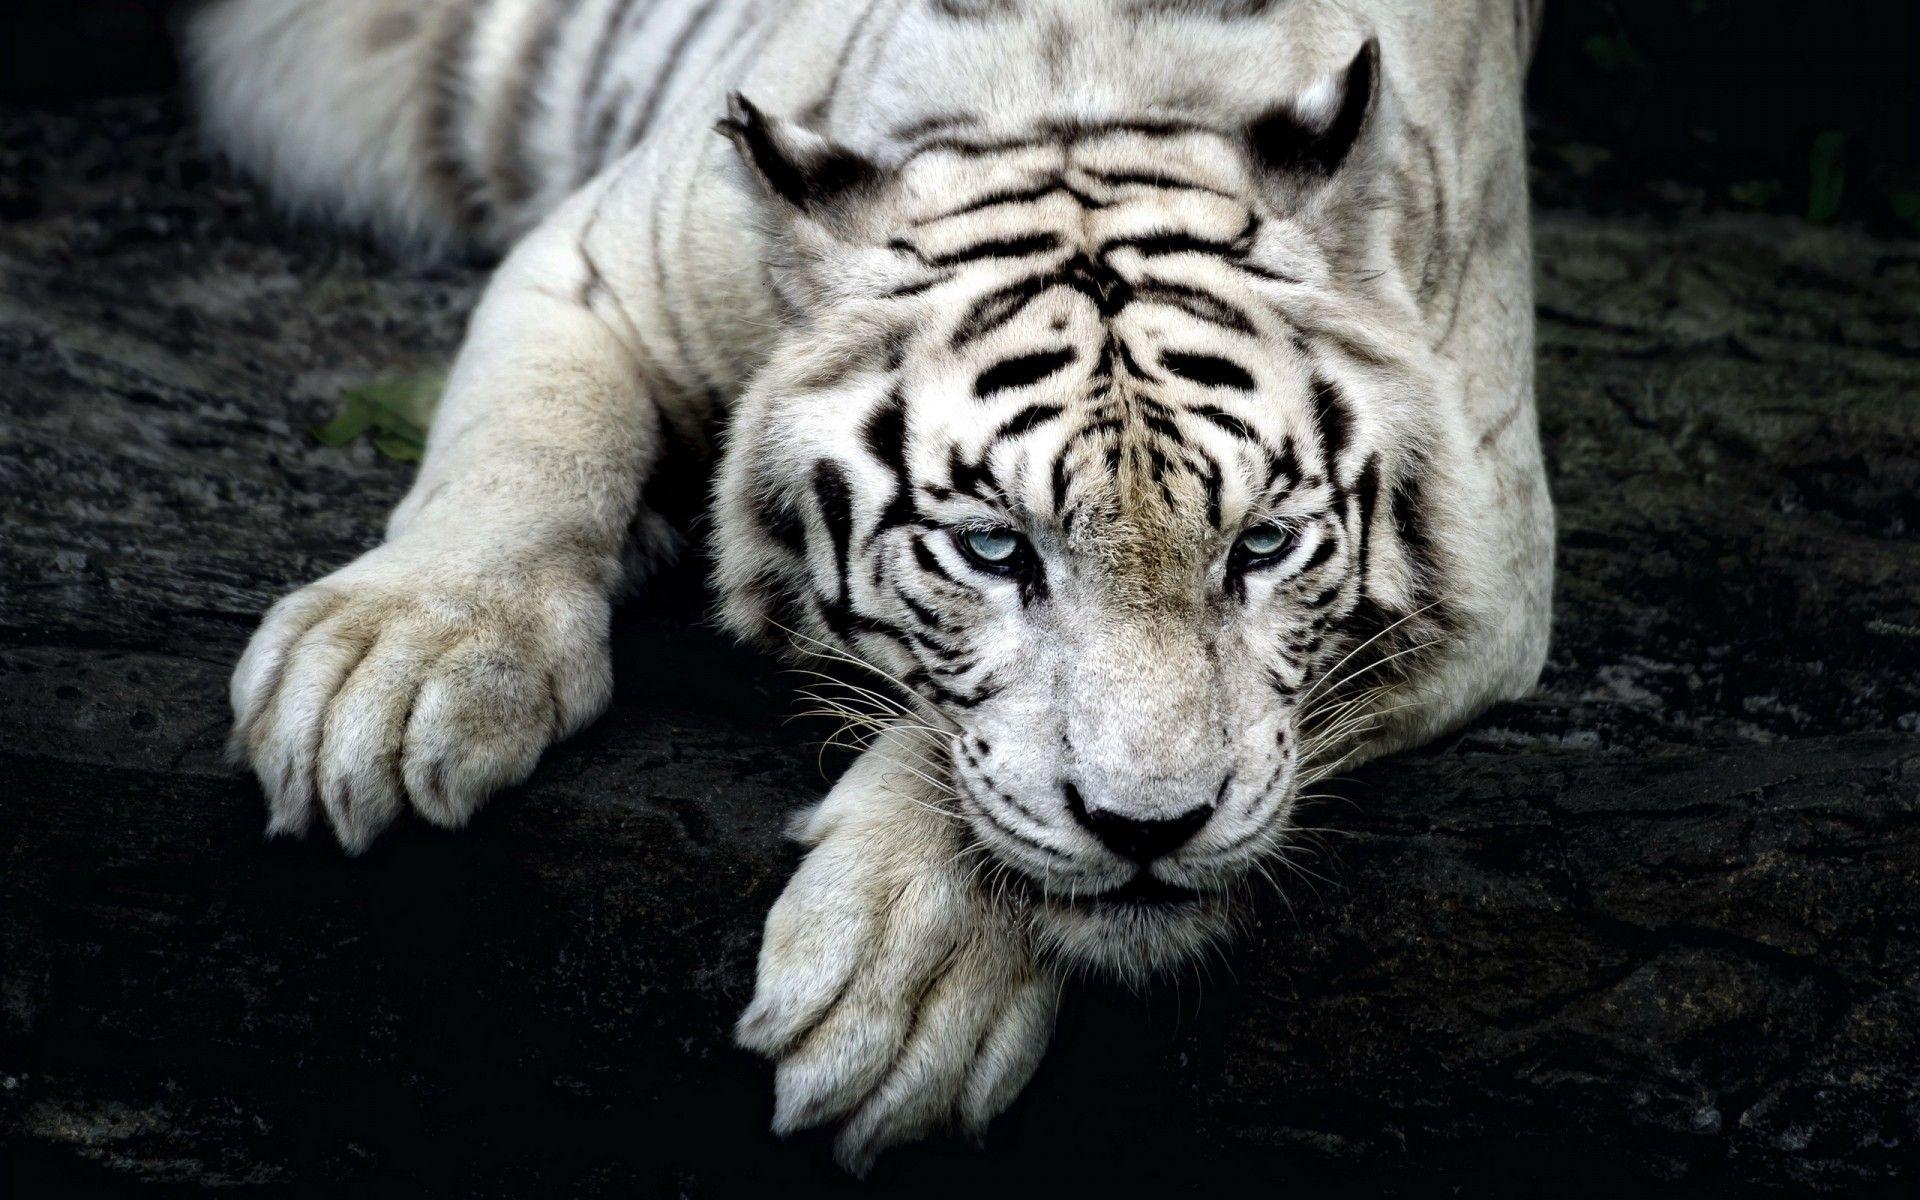 White Tiger, HD Wallpaper 1080